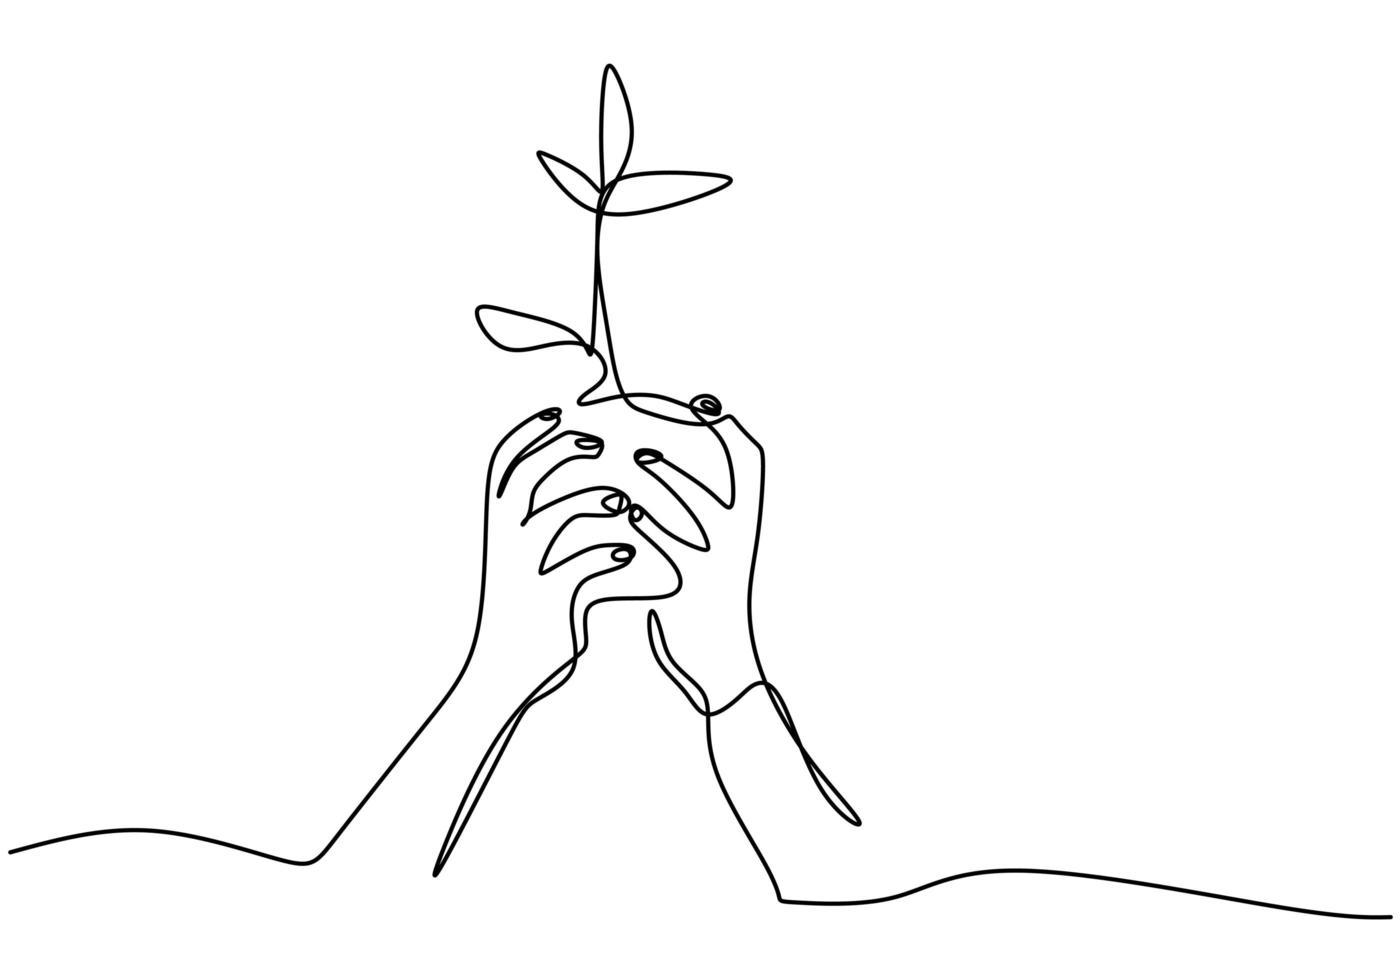 mano sosteniendo la maceta de la planta. dibujo continuo de una línea del tema de regreso a la naturaleza. vector